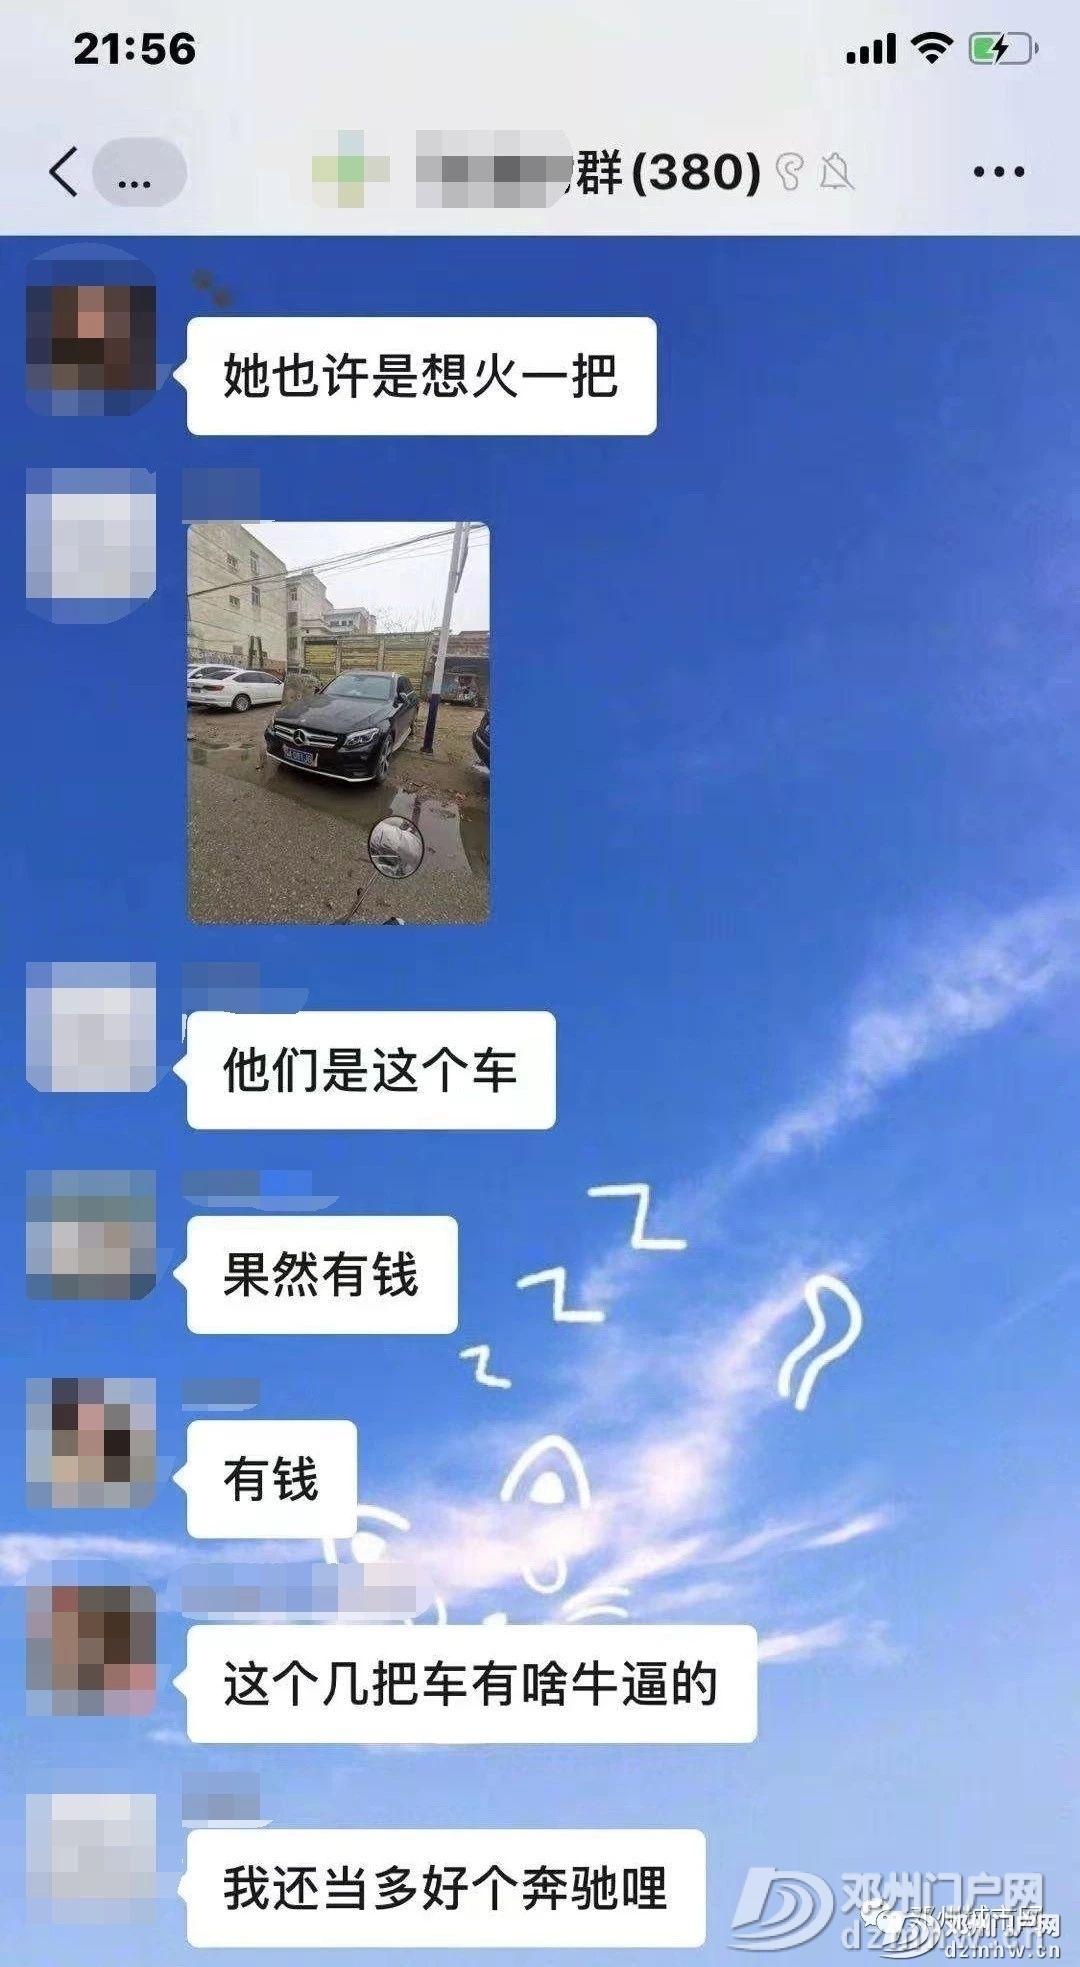 几名武汉回邓州女子在街头走动,不听劝阻还耍横,警方目前已介入处置! - 邓州门户网 邓州网 - 7e3e90ae63c2e3e138afcb74d053c794.jpg